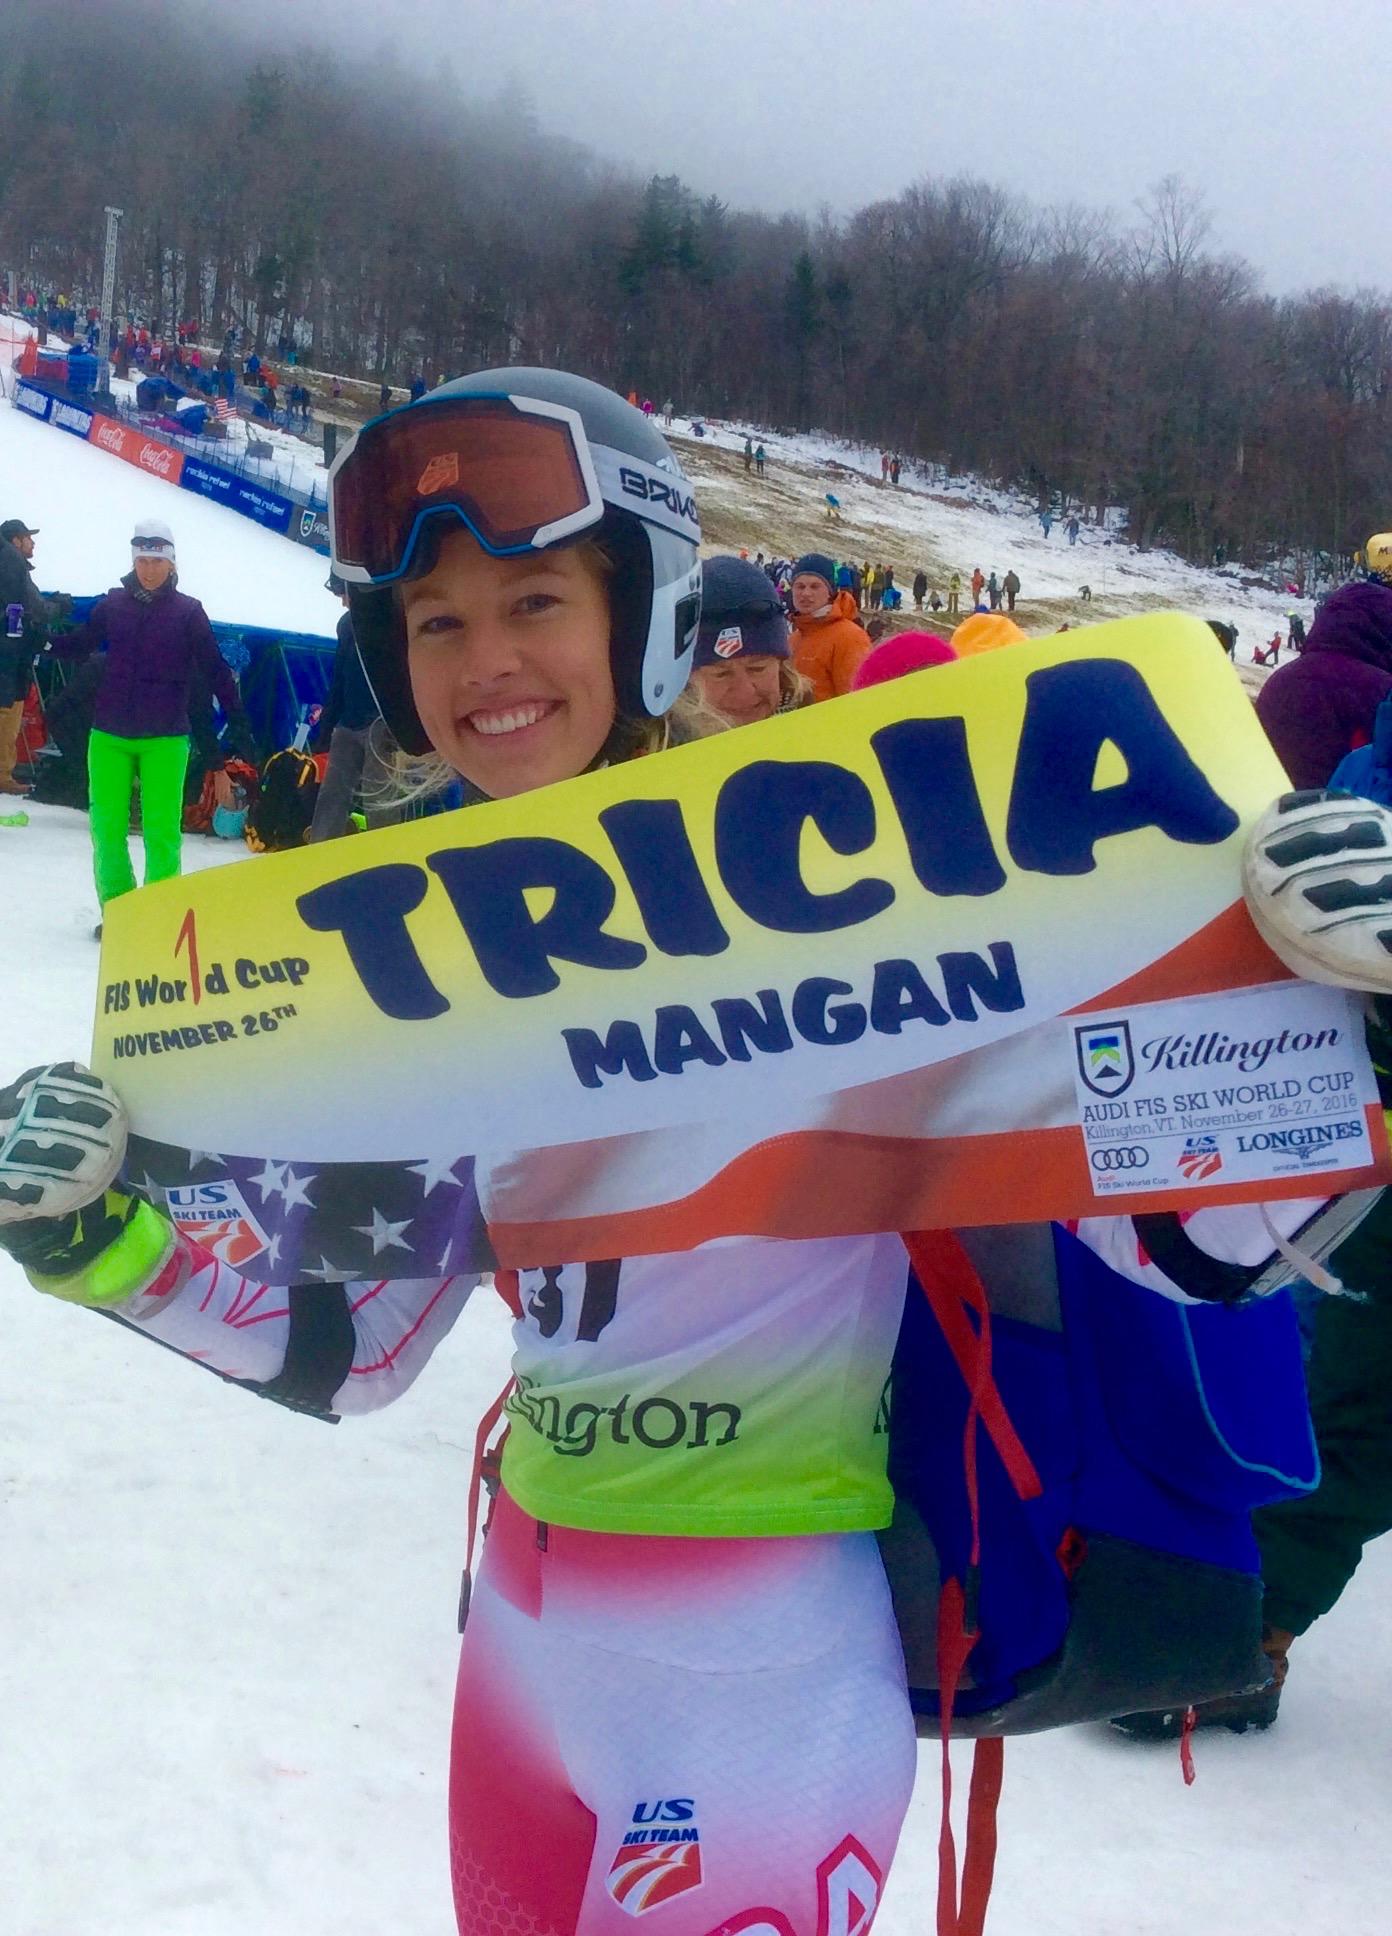 Tricia Mangan First World cup start Killington 2016